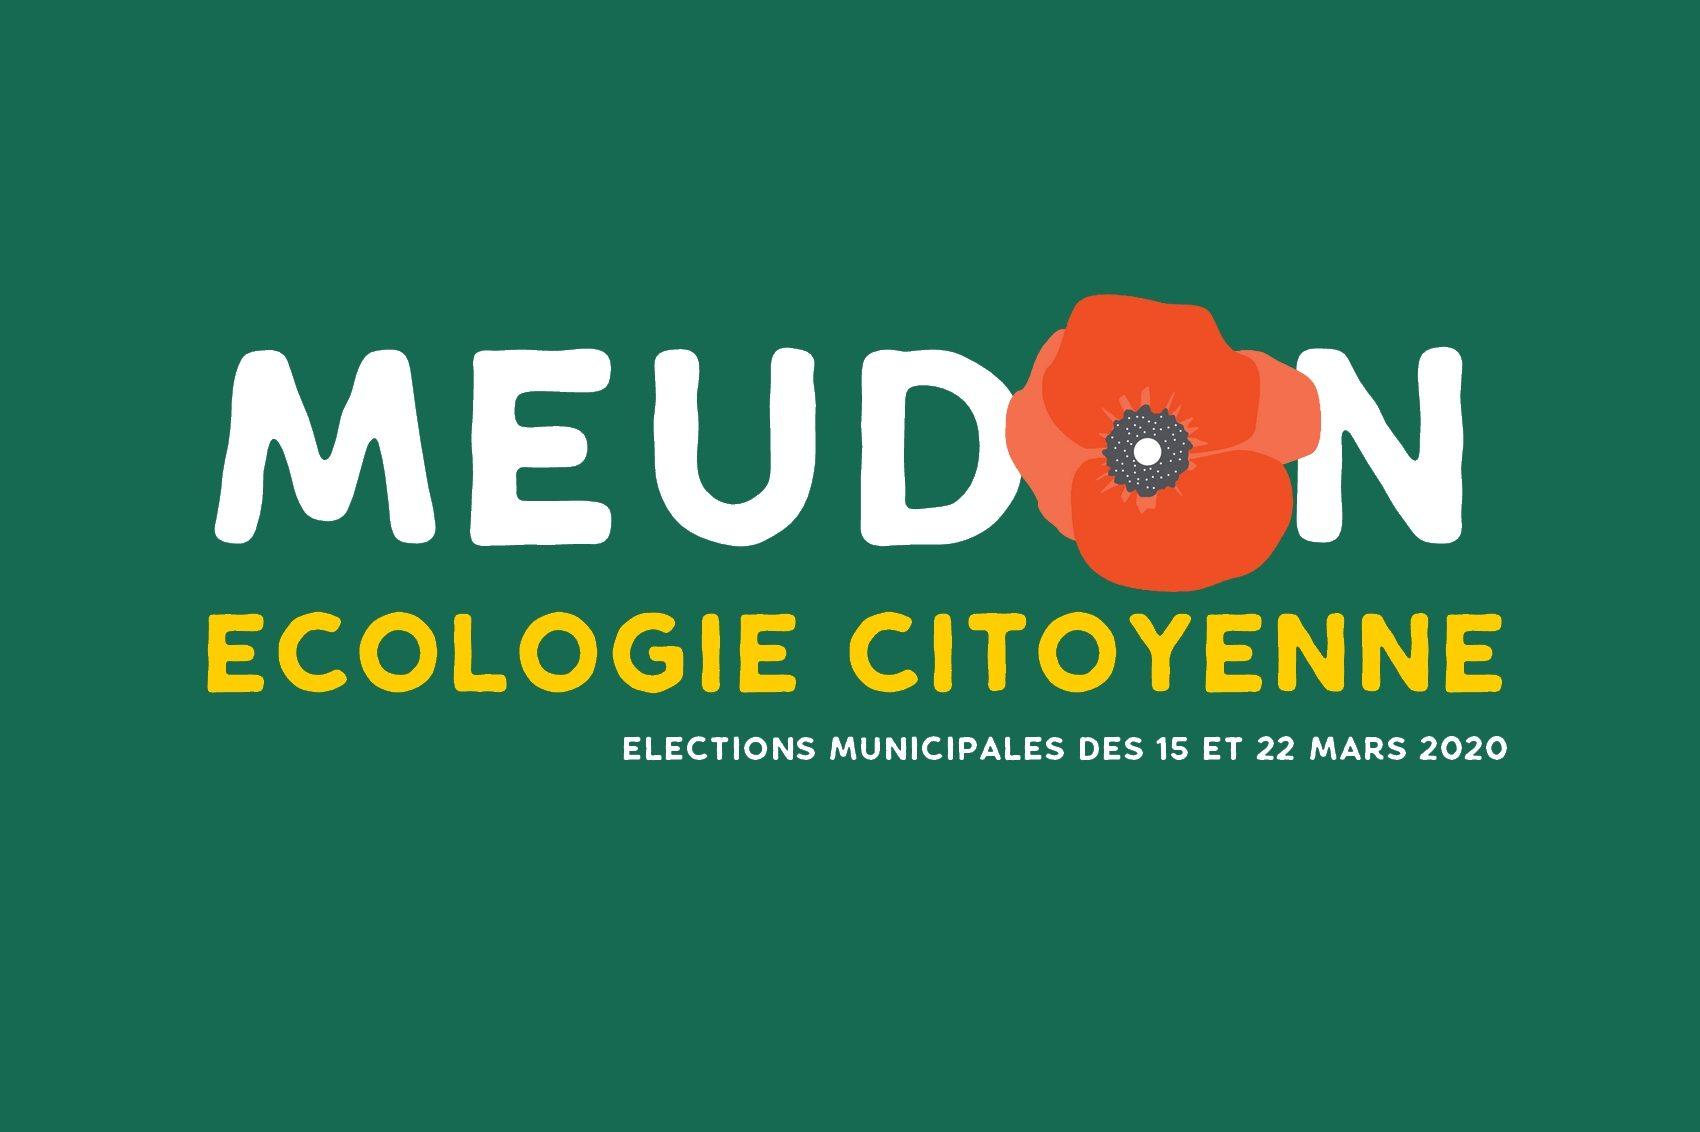 Meudon Ecologie Citoyenne